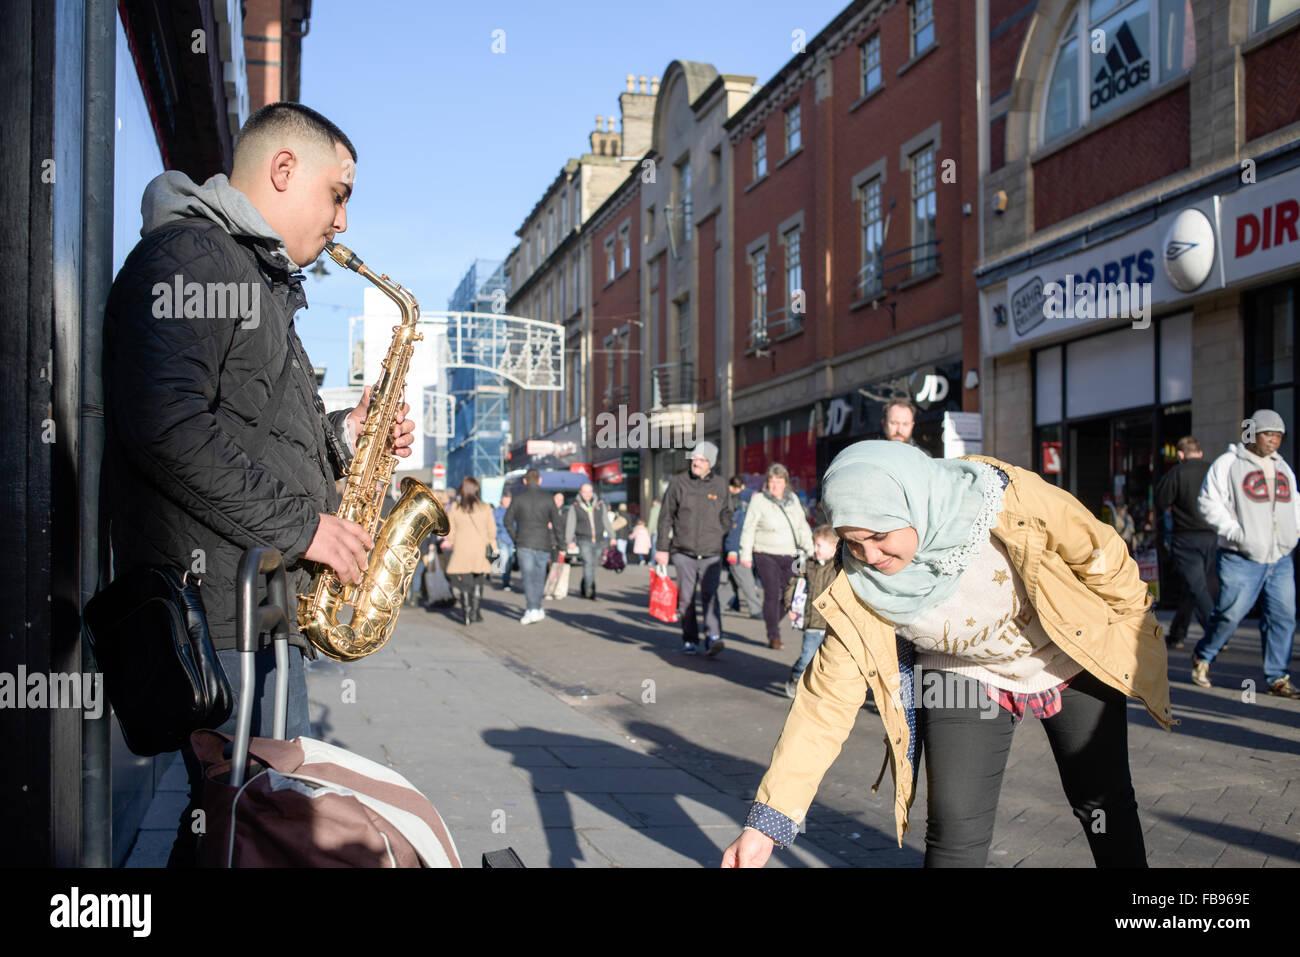 Eastern European Street Musician ,Busking on the city centre street's of Nottingham,UK. - Stock Image